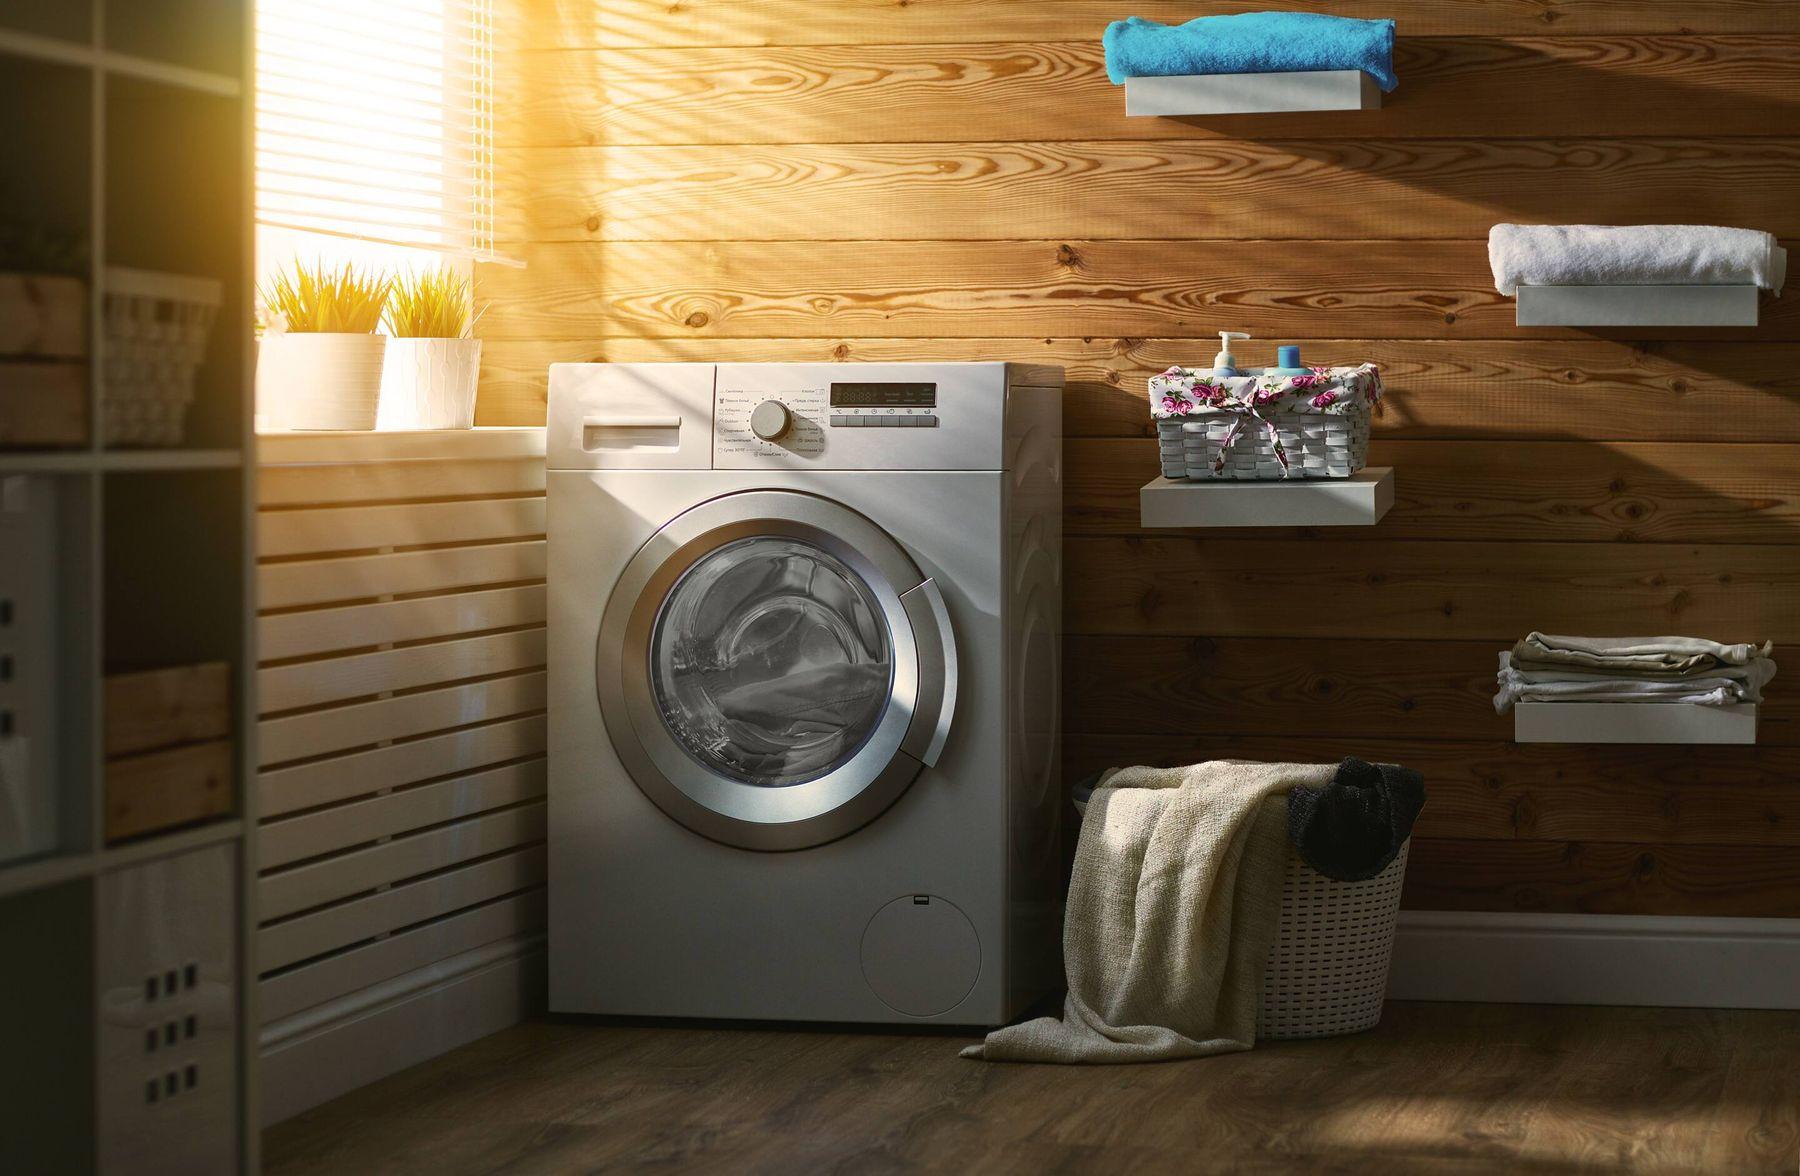 Çamaşır Makinesi ve Banyo Dekorasyonu